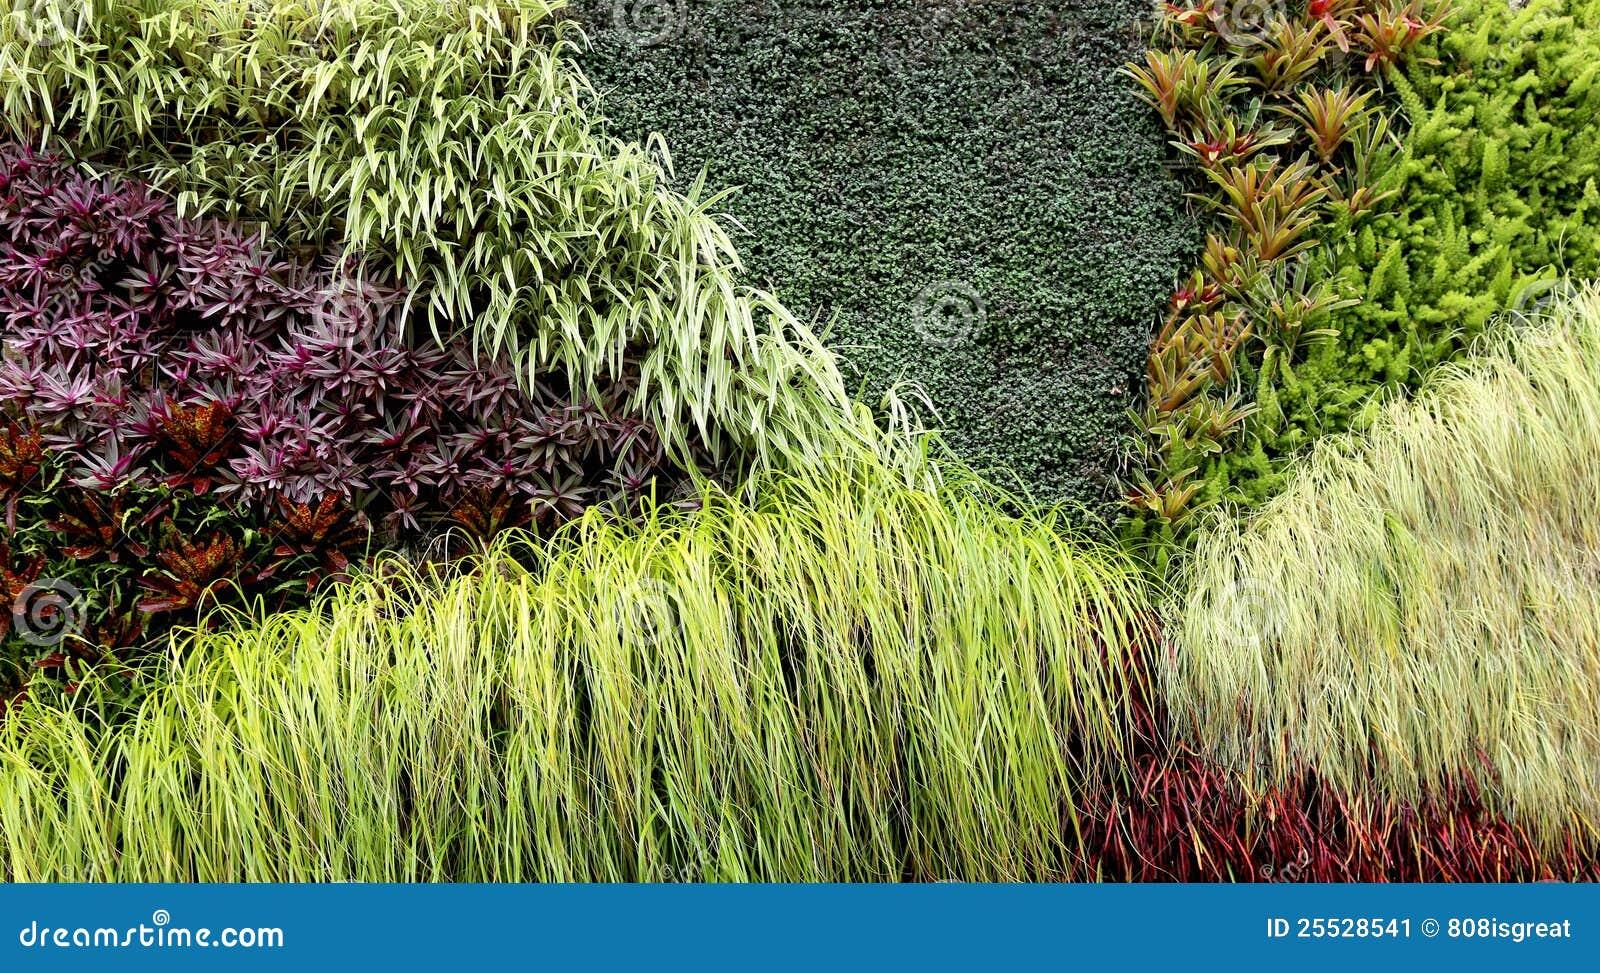 Jard n vertical de varias plantas imagen de archivo - Plantas para jardin vertical ...